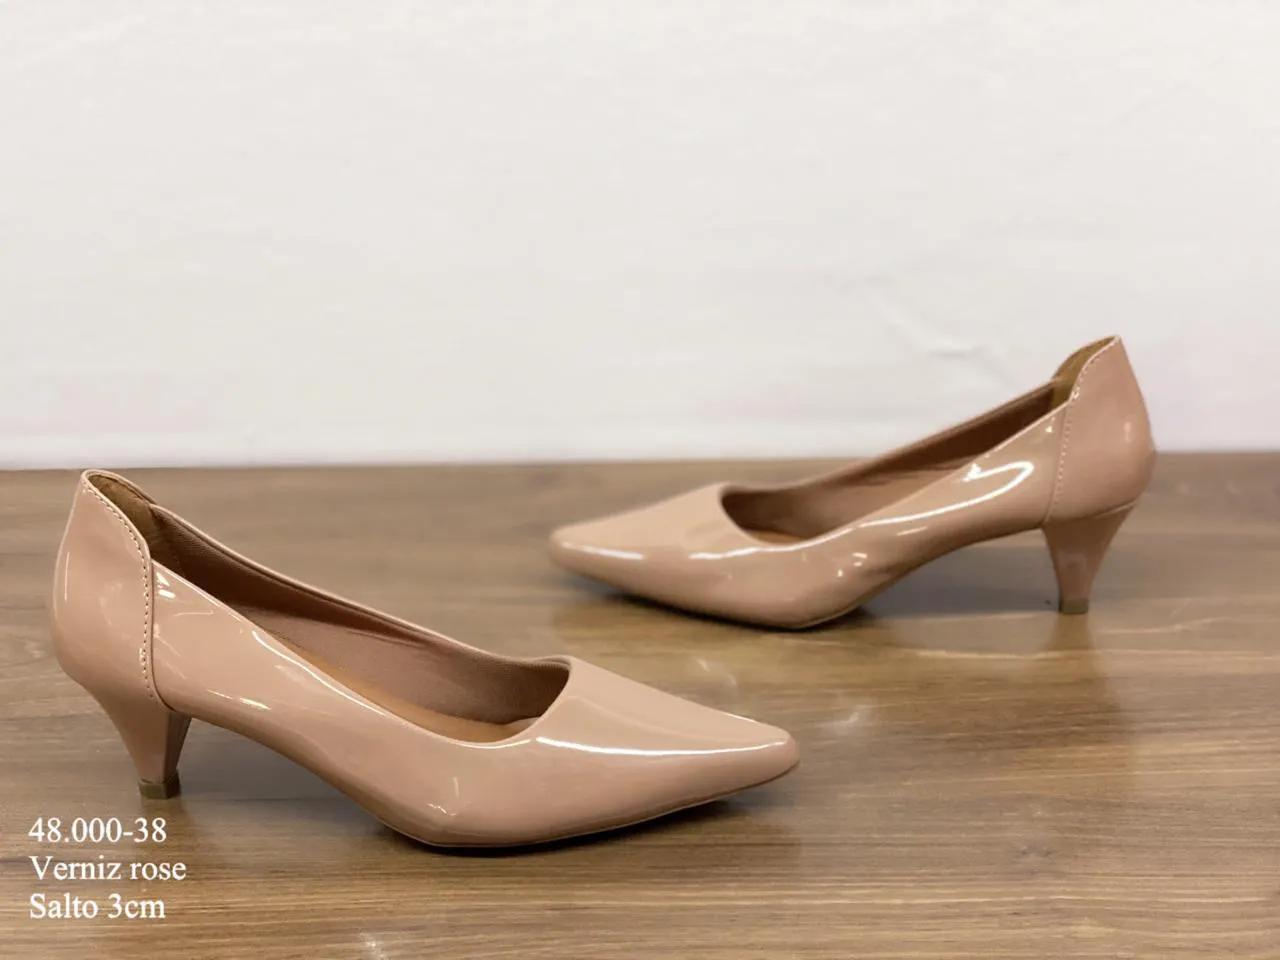 Scarpin Rose Verniz |D- 48.000-38